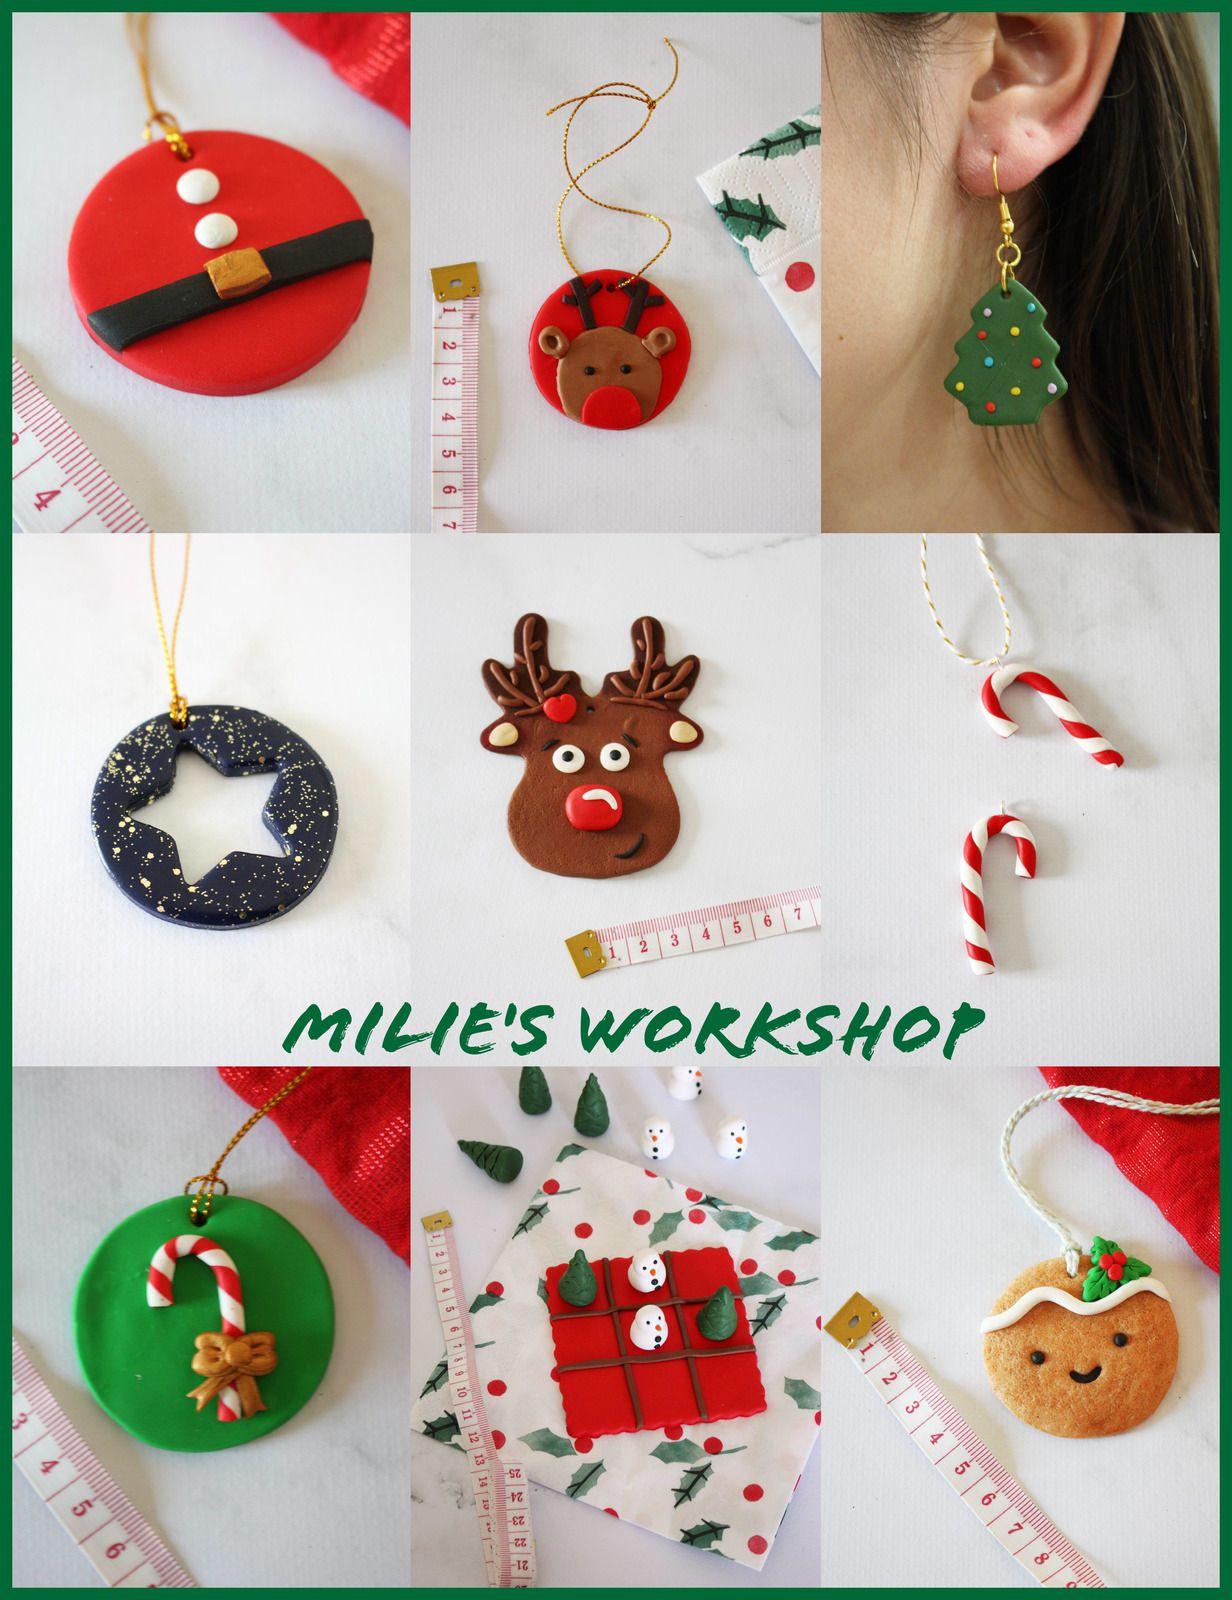 Milie's Workshop